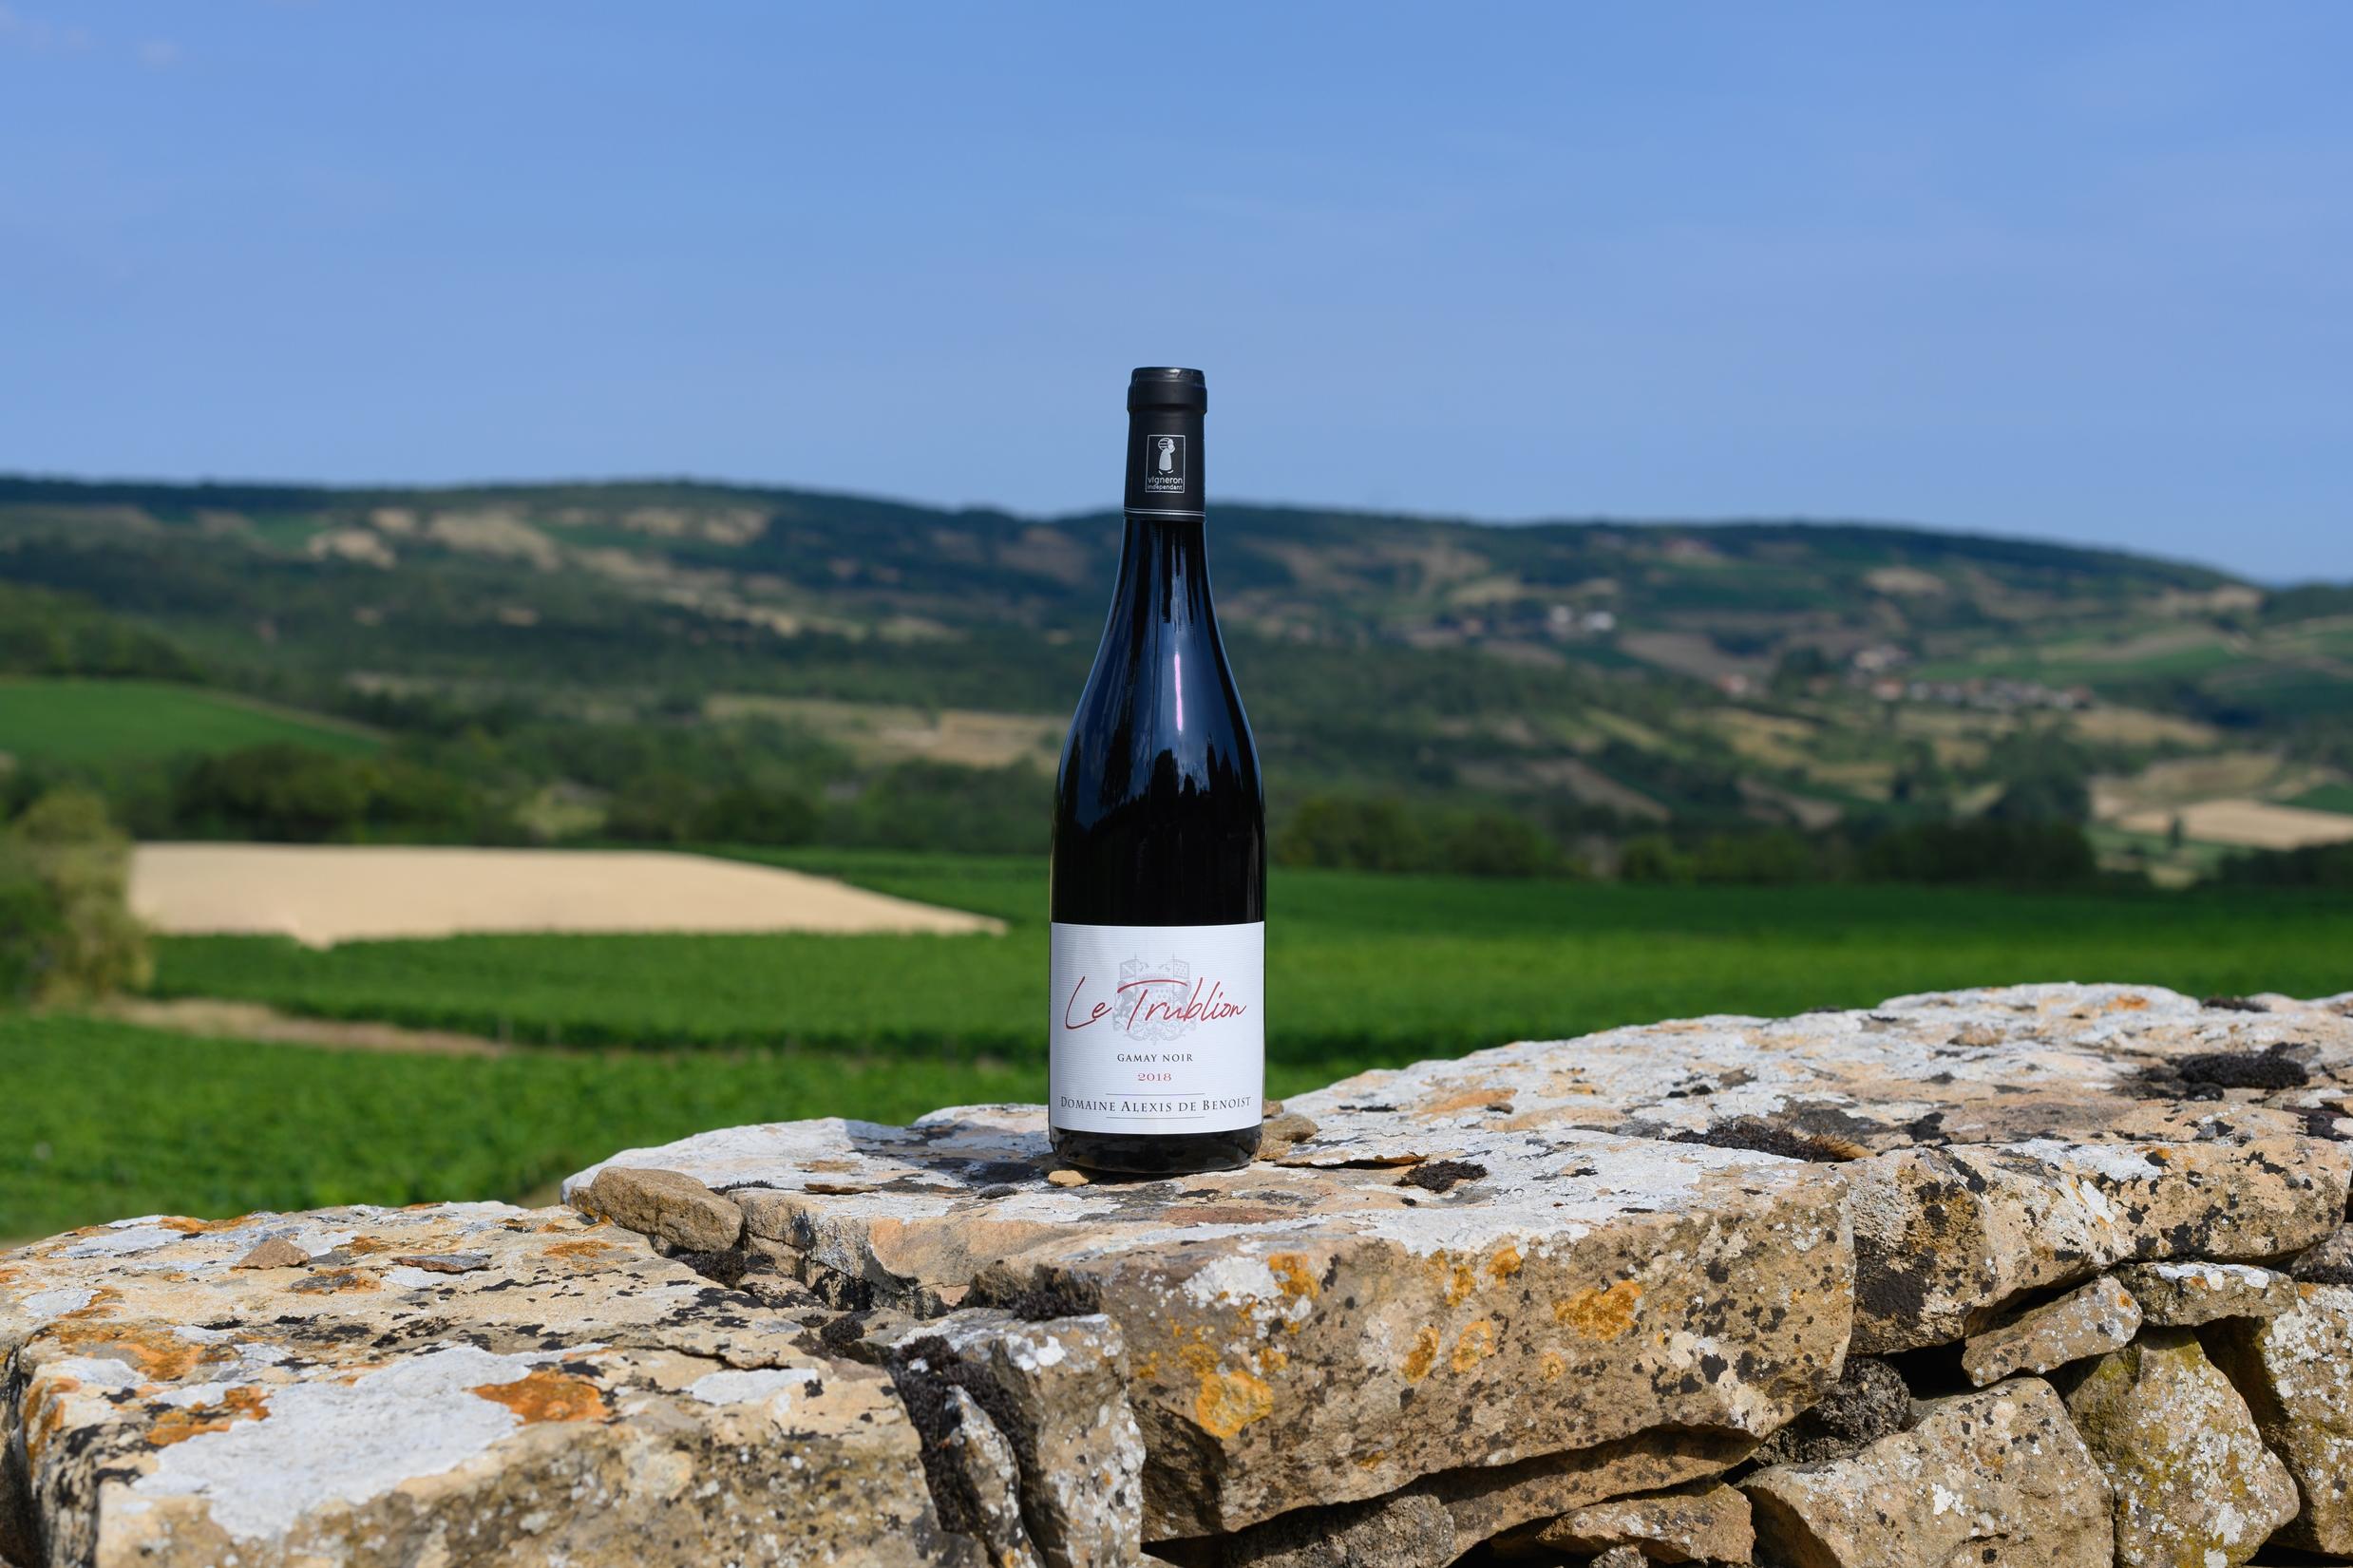 Bouteille Le Trublion Beaujolais-Villages Pierres et Vignes Alexis de Benoist